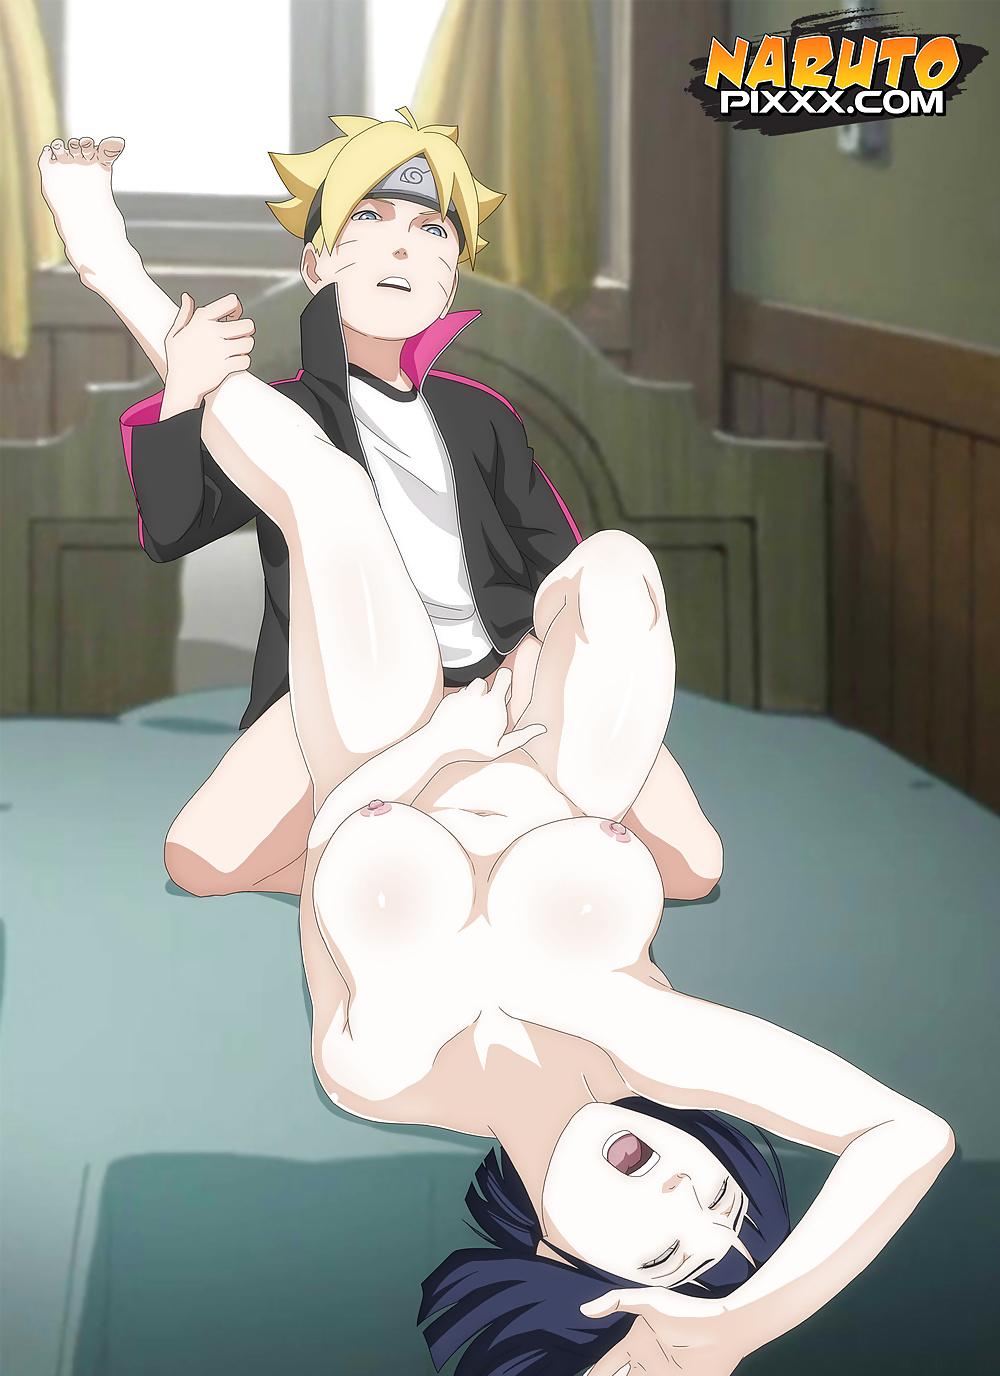 Naruto pixxx